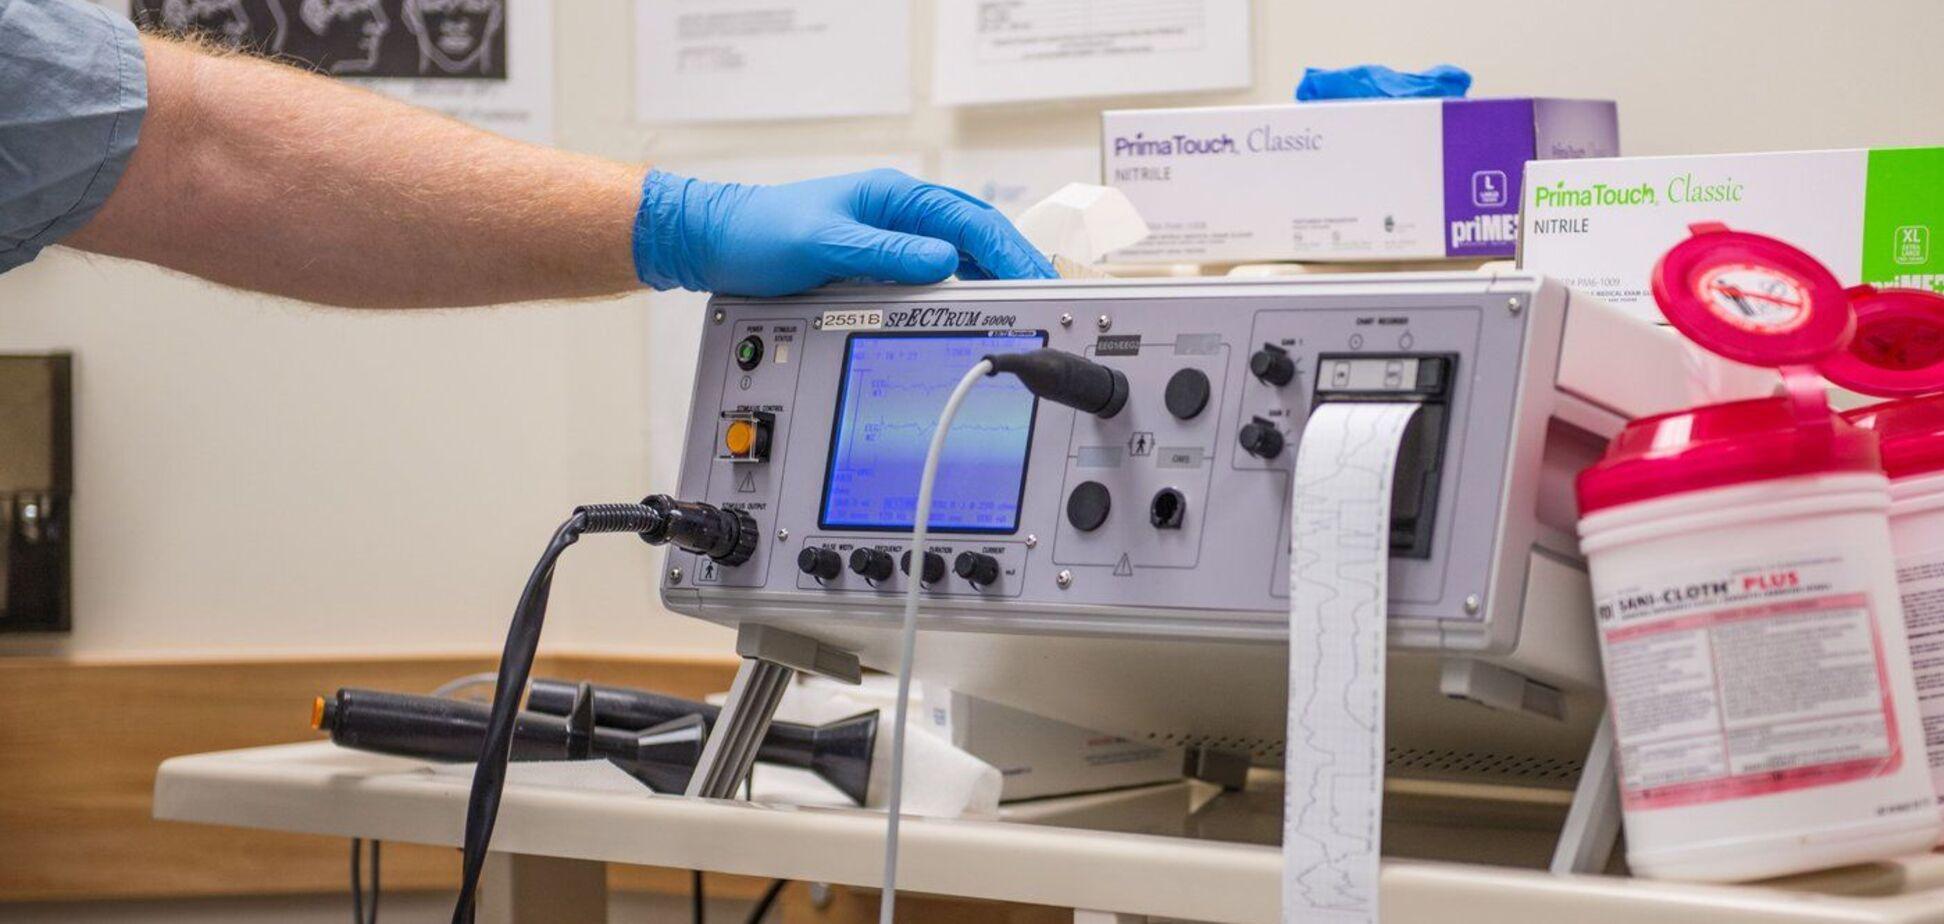 Дослідники підтвердили нові переваги електросудомної терапії